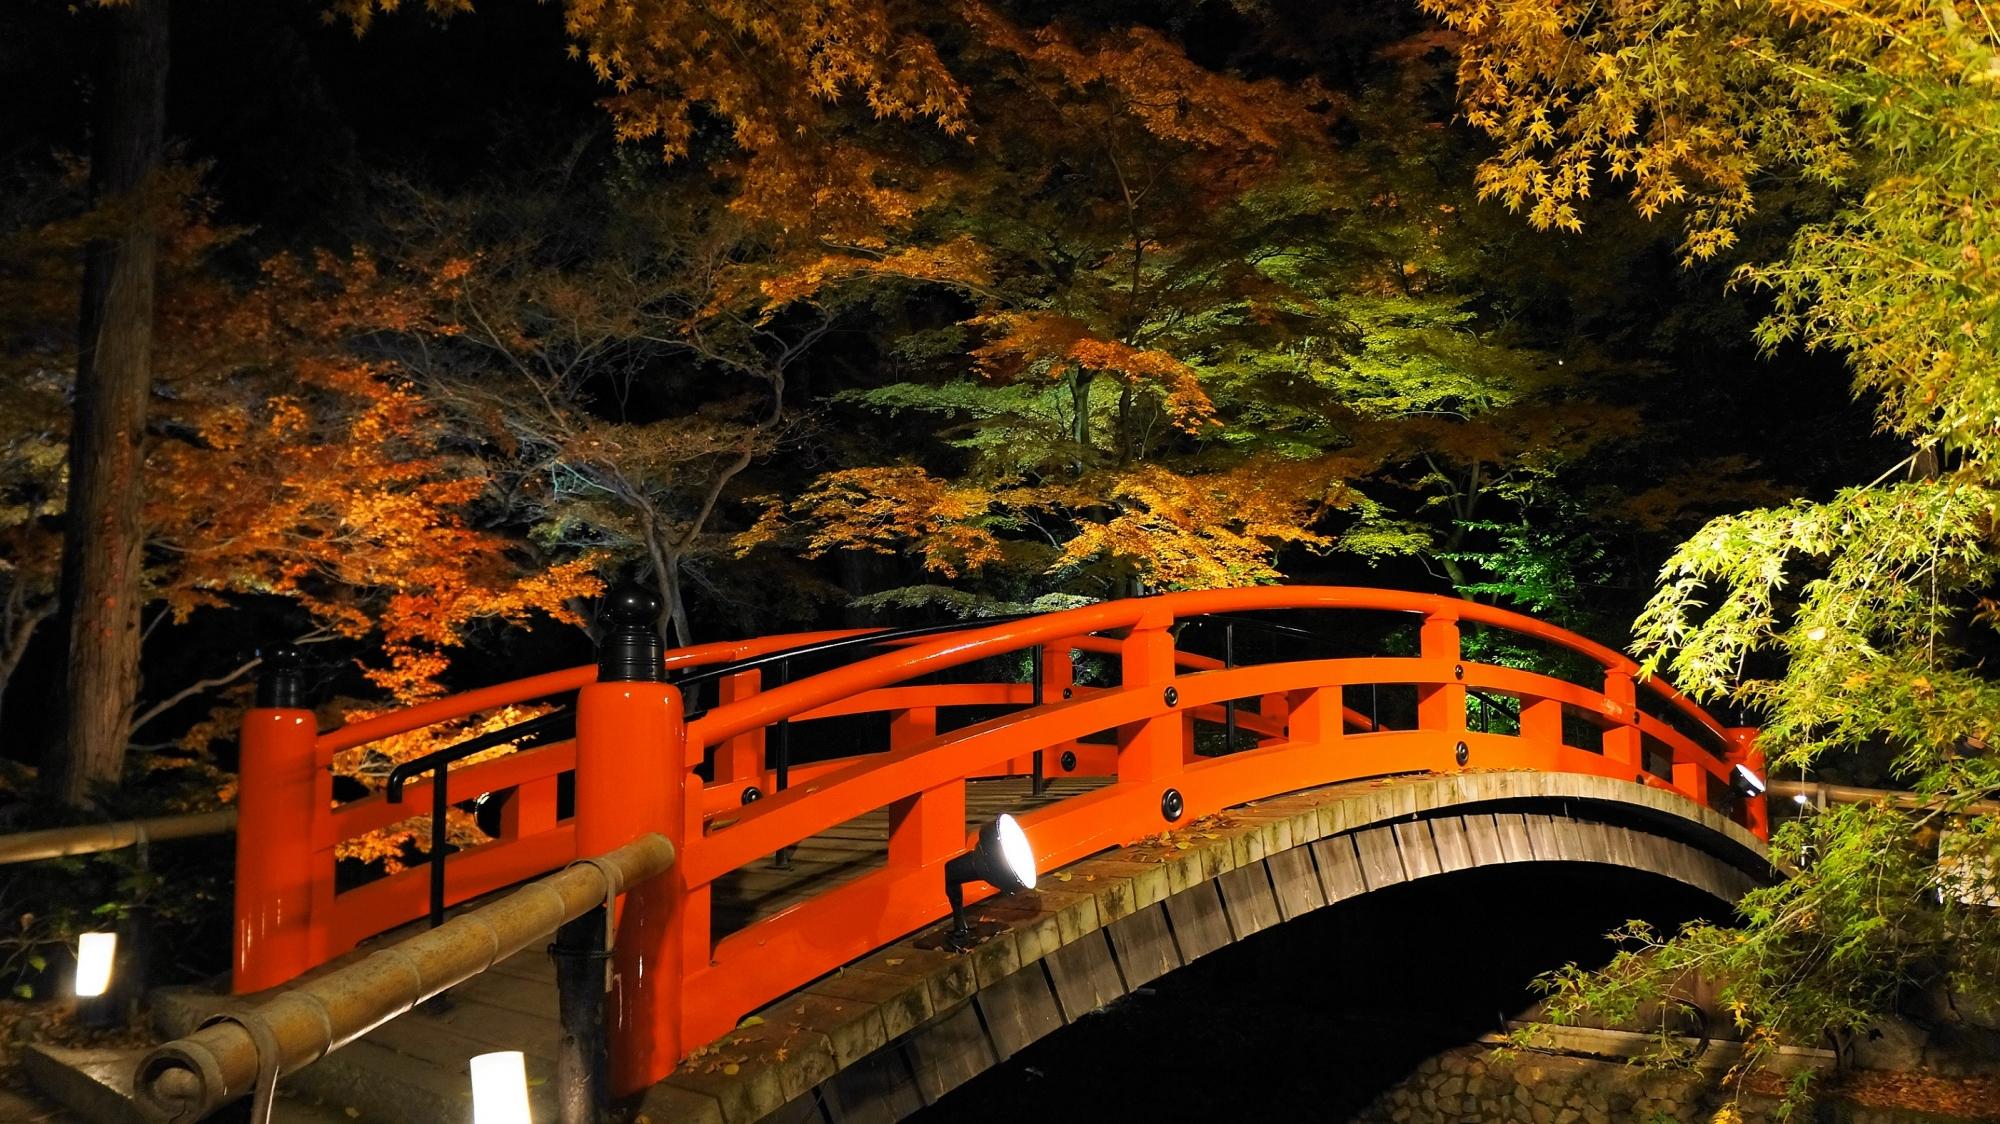 京都北野天満宮のもみじ苑の鶯橋と紅葉ライトアップ